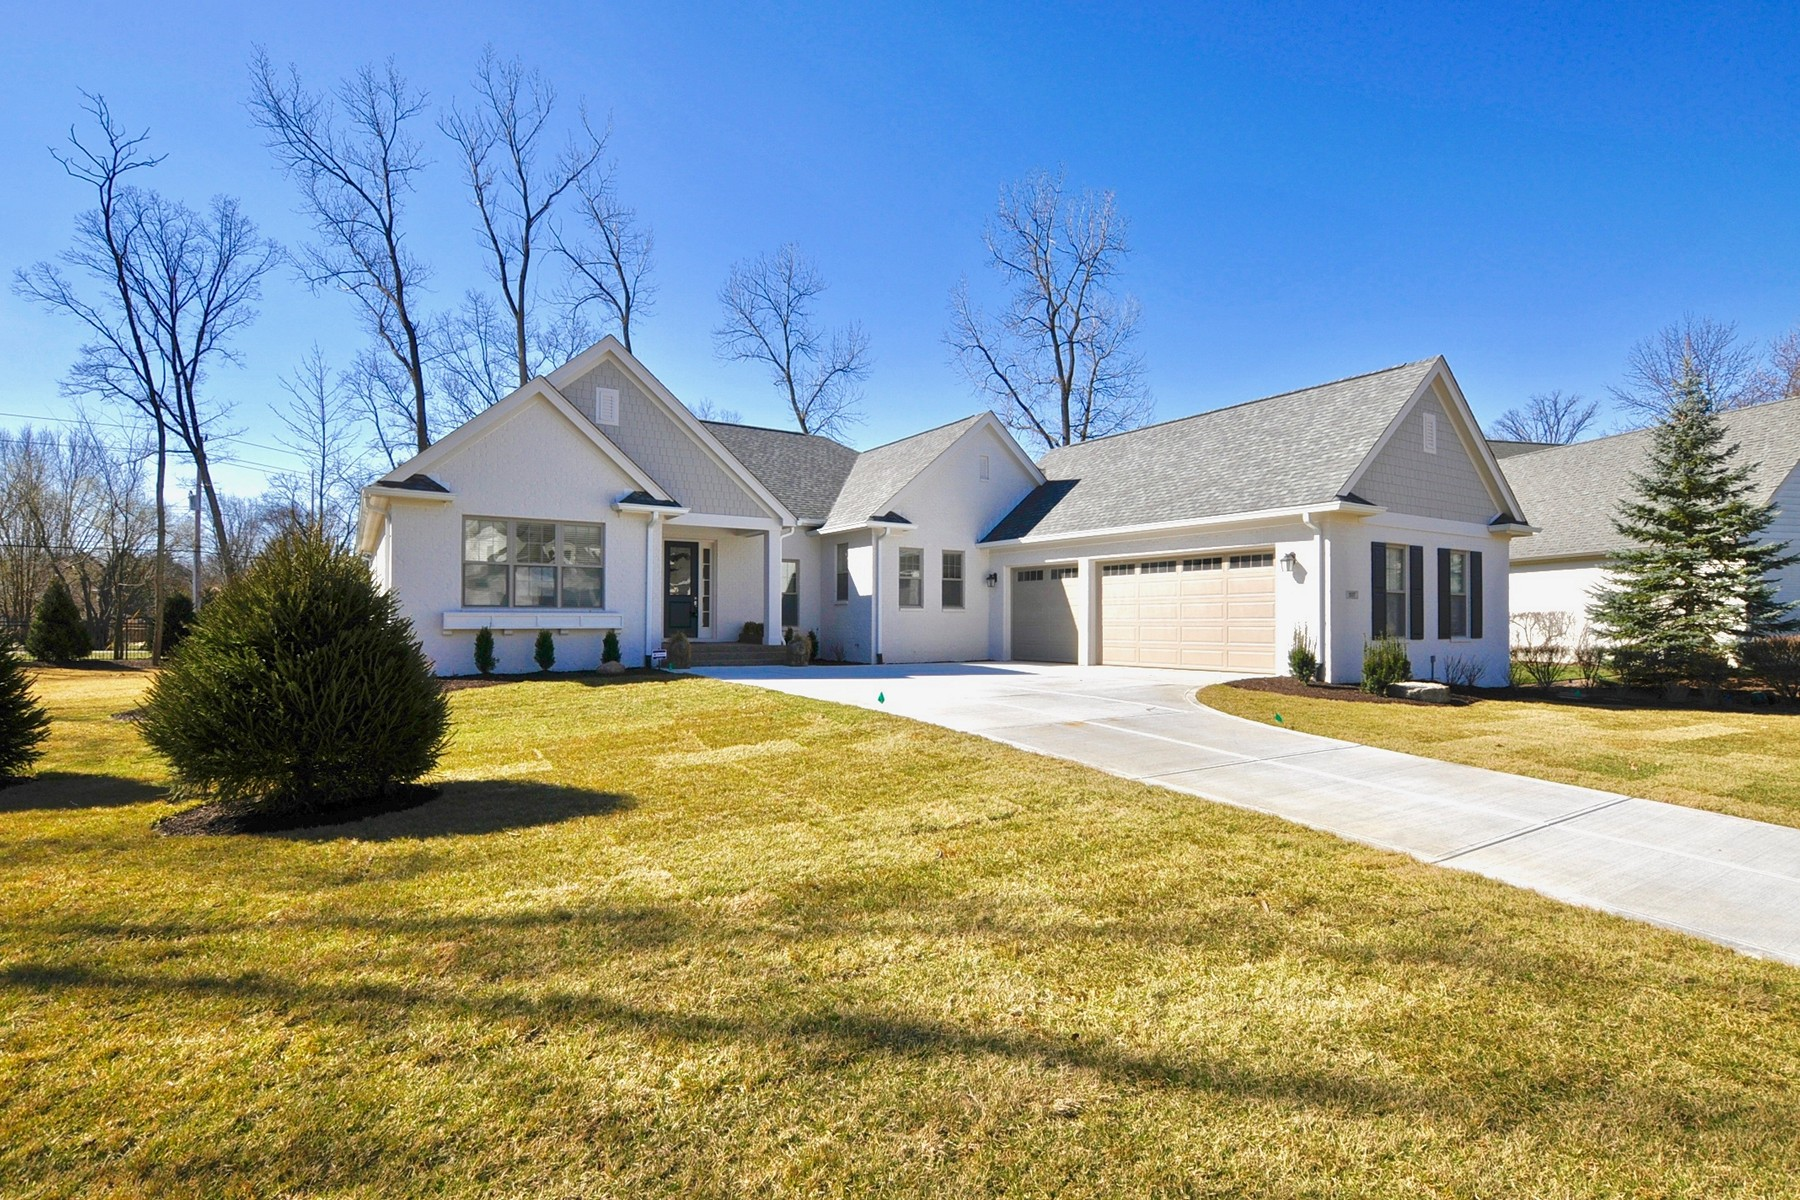 Casa Unifamiliar por un Venta en Luxury and Top of the Line Features 207 Willowrun Way Indianapolis, Indiana, 46260 Estados Unidos